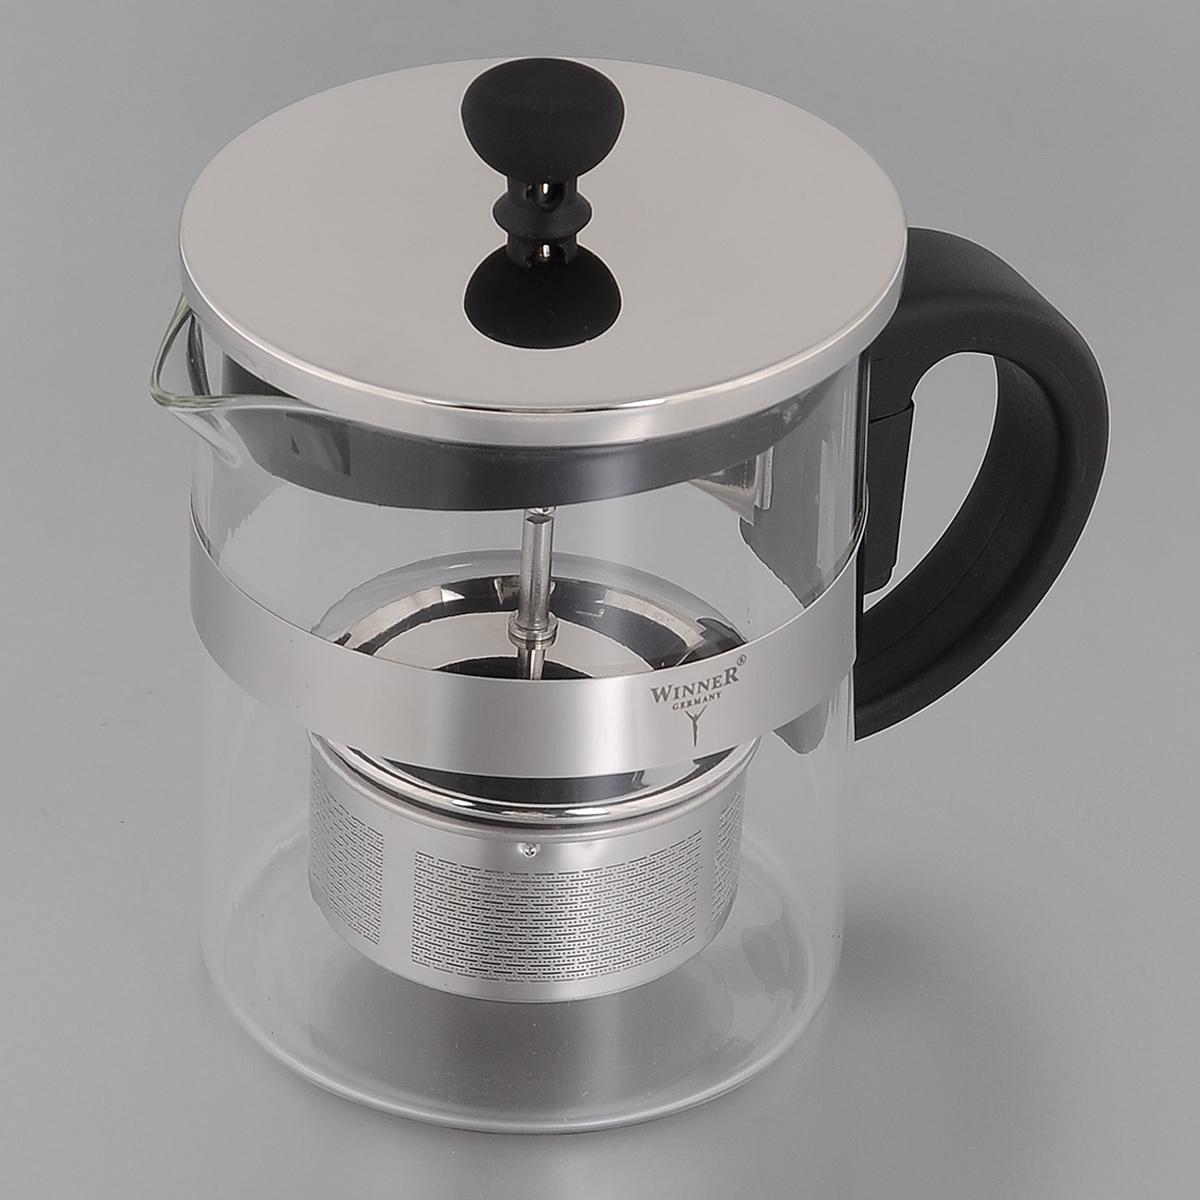 Френч-пресс Winner, 600 мл. WR-522154 009312Френч-пресс Winner, изготовленный из термостойкого стекла с пластиковой ручкой, предоставит вам все необходимые возможности для успешного заваривания чая. Чай в таком чайнике дольше остается горячим, а полезные и ароматические вещества полностью сохраняются в напитке. Изделие оснащено фильтром, крышкой и удобным поршнем из нержавеющей стали, который поможет дозировать степень заварки напитка. Простой и удобный френч-пресс Winner поможет вам приготовить крепкий, ароматный чай.Нельзя мыть в посудомоечной машине. Не использовать в микроволновой печи.Диаметр френч-пресса (по верхнему краю): 9,5 см.Высота френч-пресса (без учета крышки): 12 см.Высота фильтра: 3,5 см.